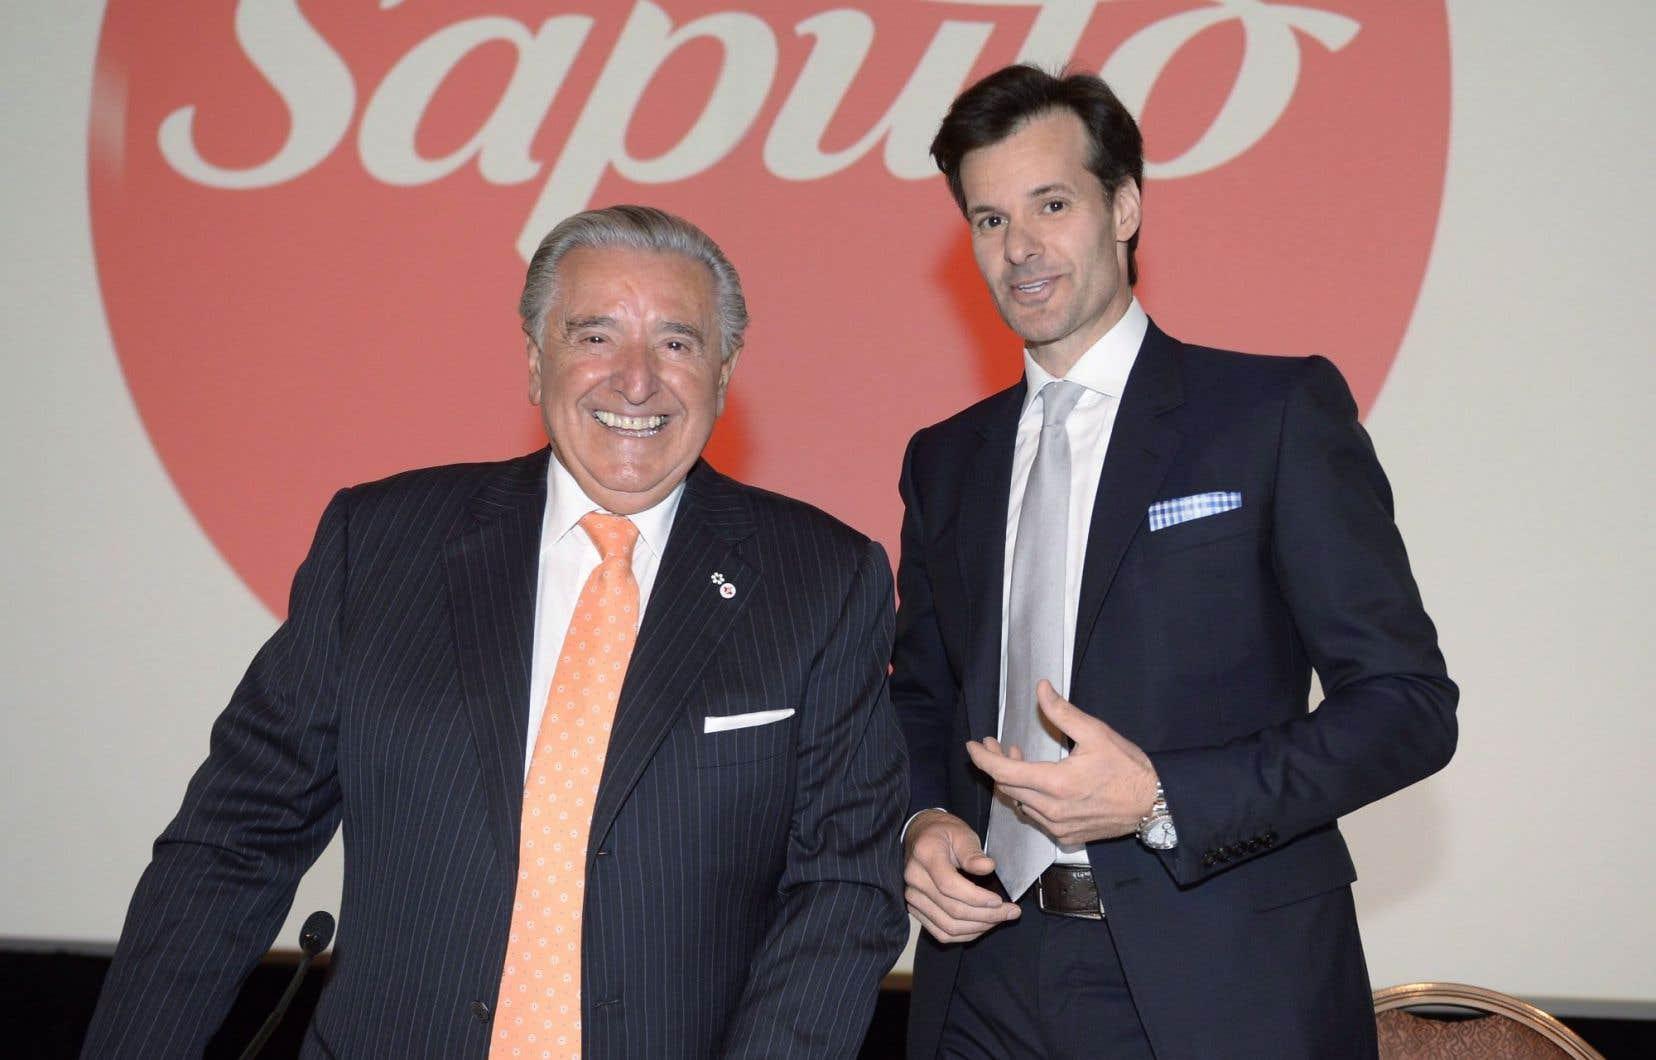 Lino Saputo, le fondateur de l'entreprise, et son fils Lino, qui a pris la relève